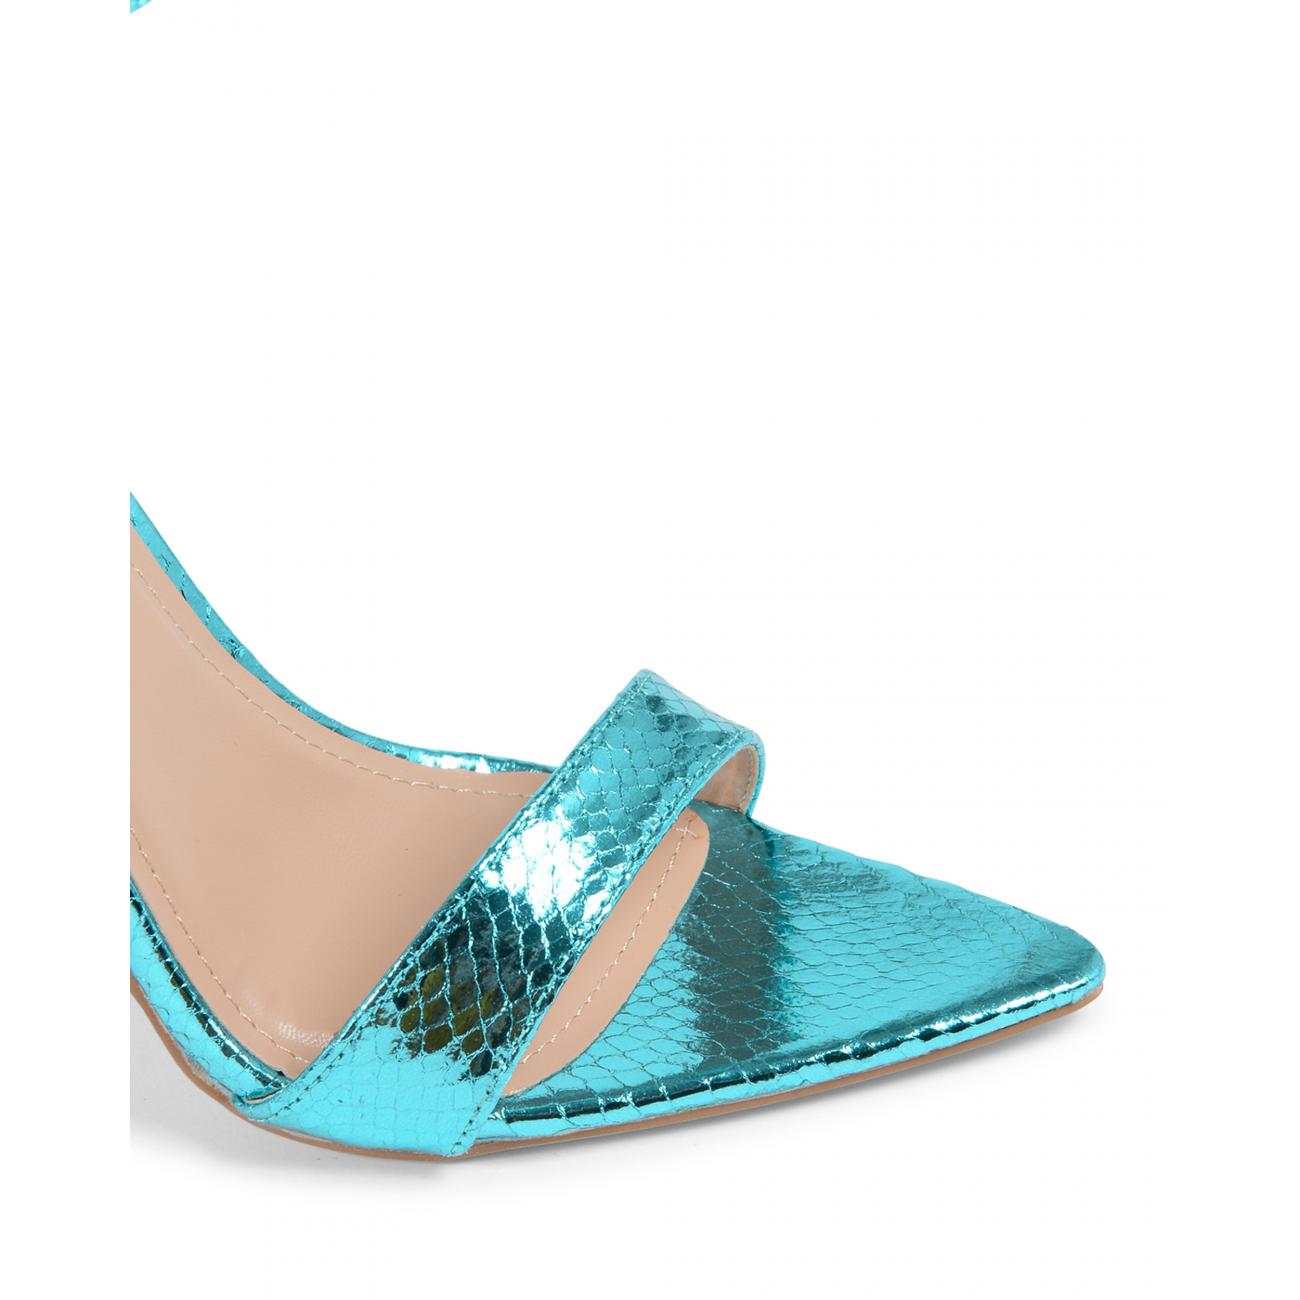 19V69 Italia Women's Ankle Strap Sandal Turquoise V8183 TURQUOISE